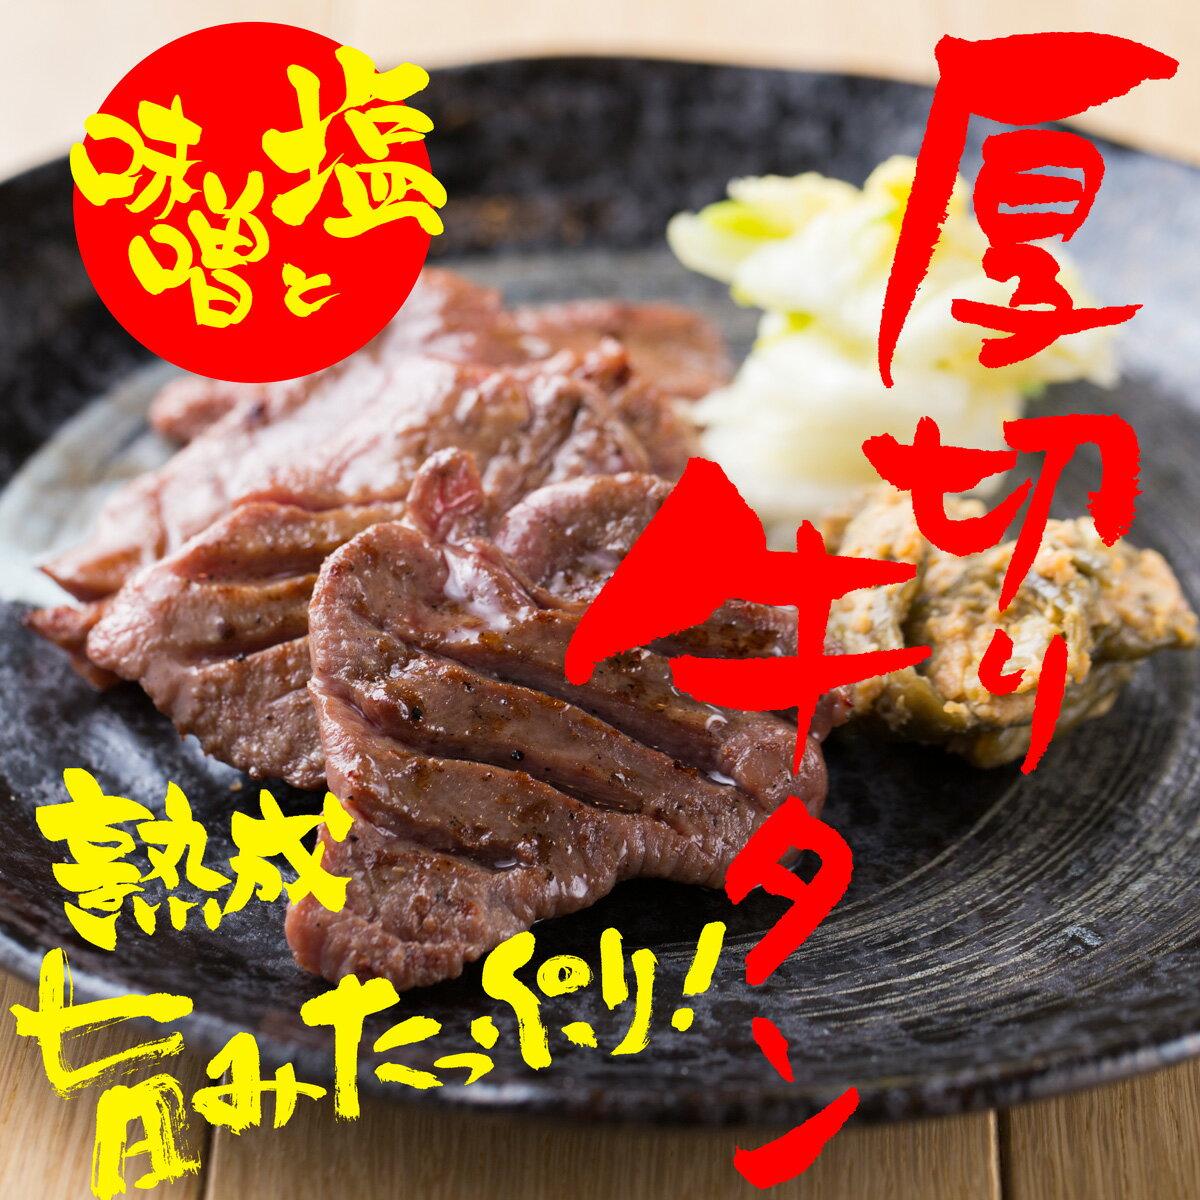 【ふるさと納税】極厚!!厚切牛タン1.2kg 塩味・味噌セット